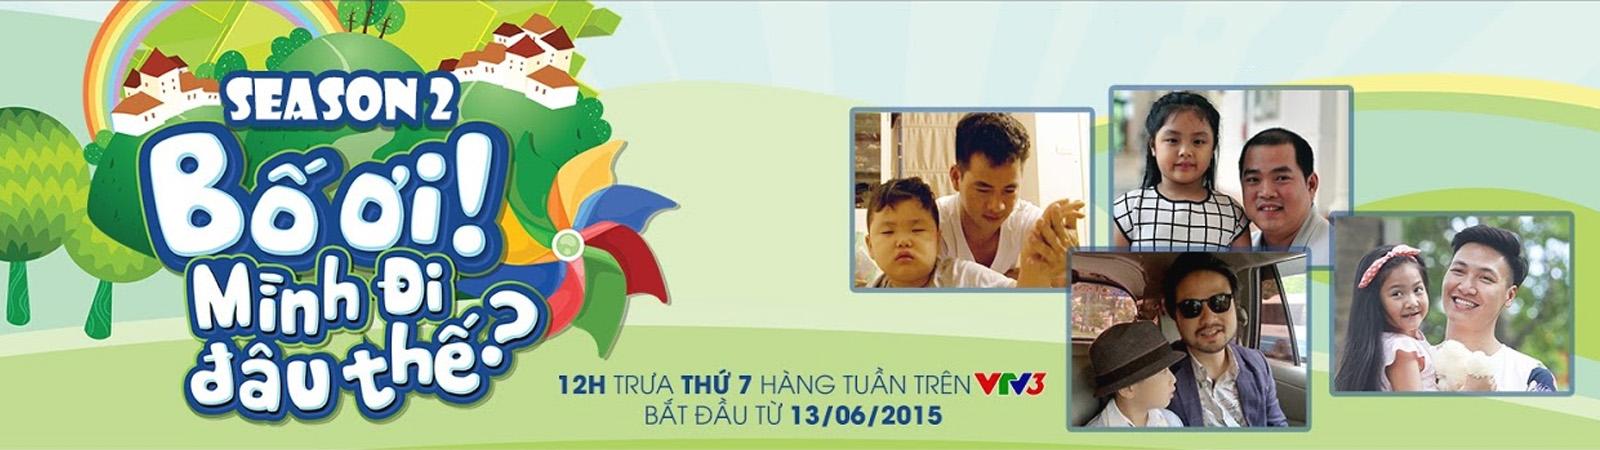 Tập 12 - Bố Ơi, Mình Đi Đâu Thế - Việt Nam